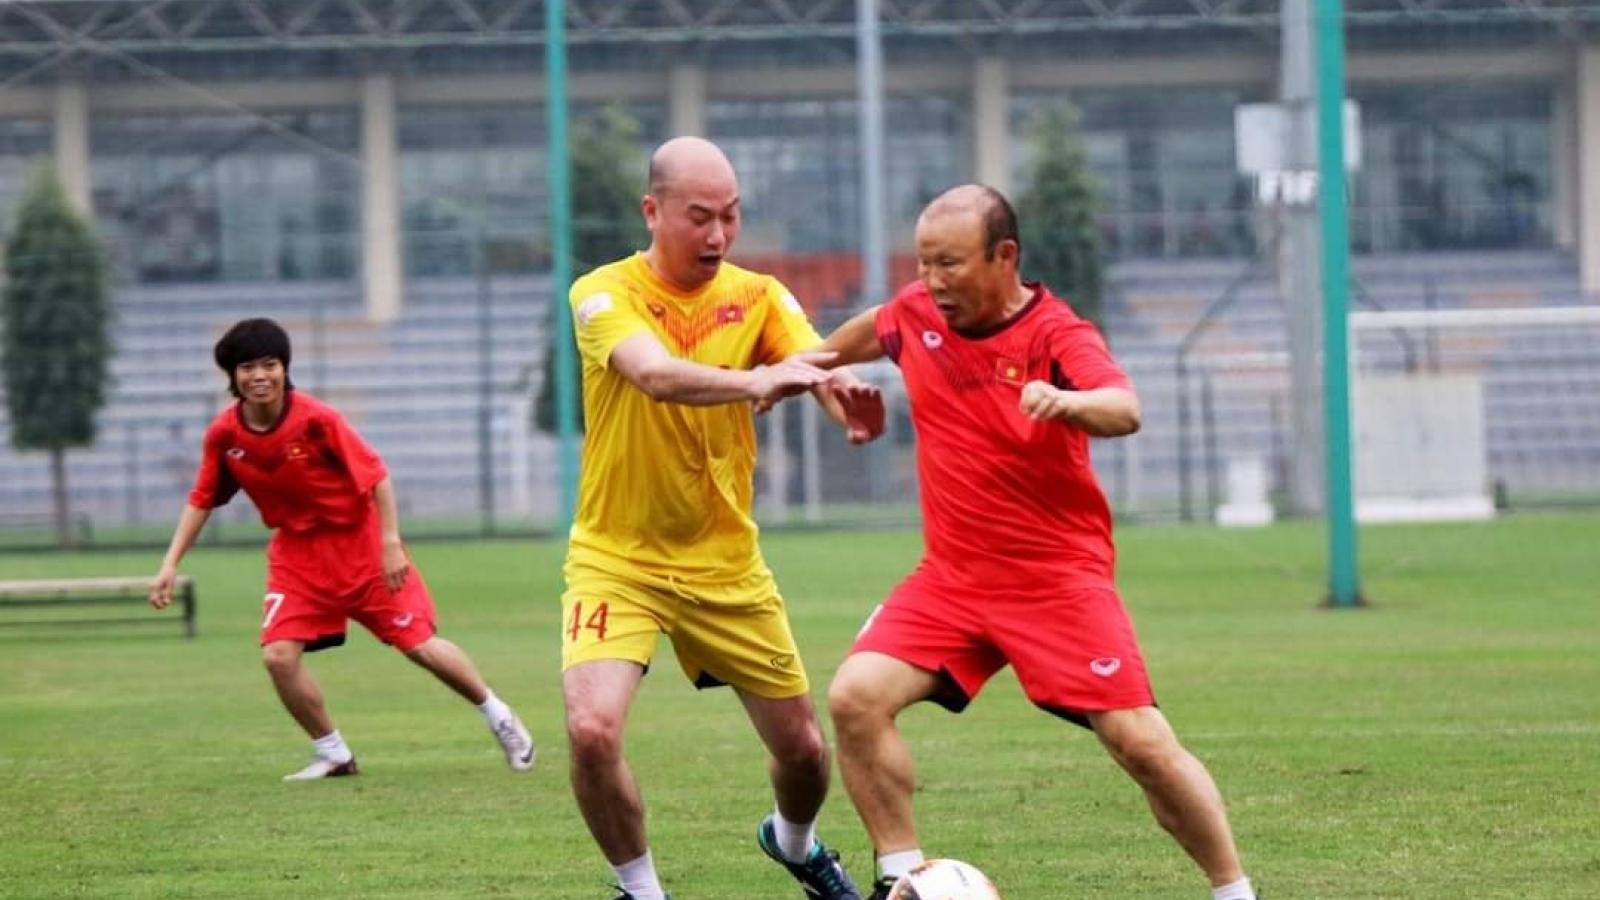 HLV Park Hang Seo trình diễn kỹ năng đá bóng chào mừng Ngày Thể thao Việt Nam